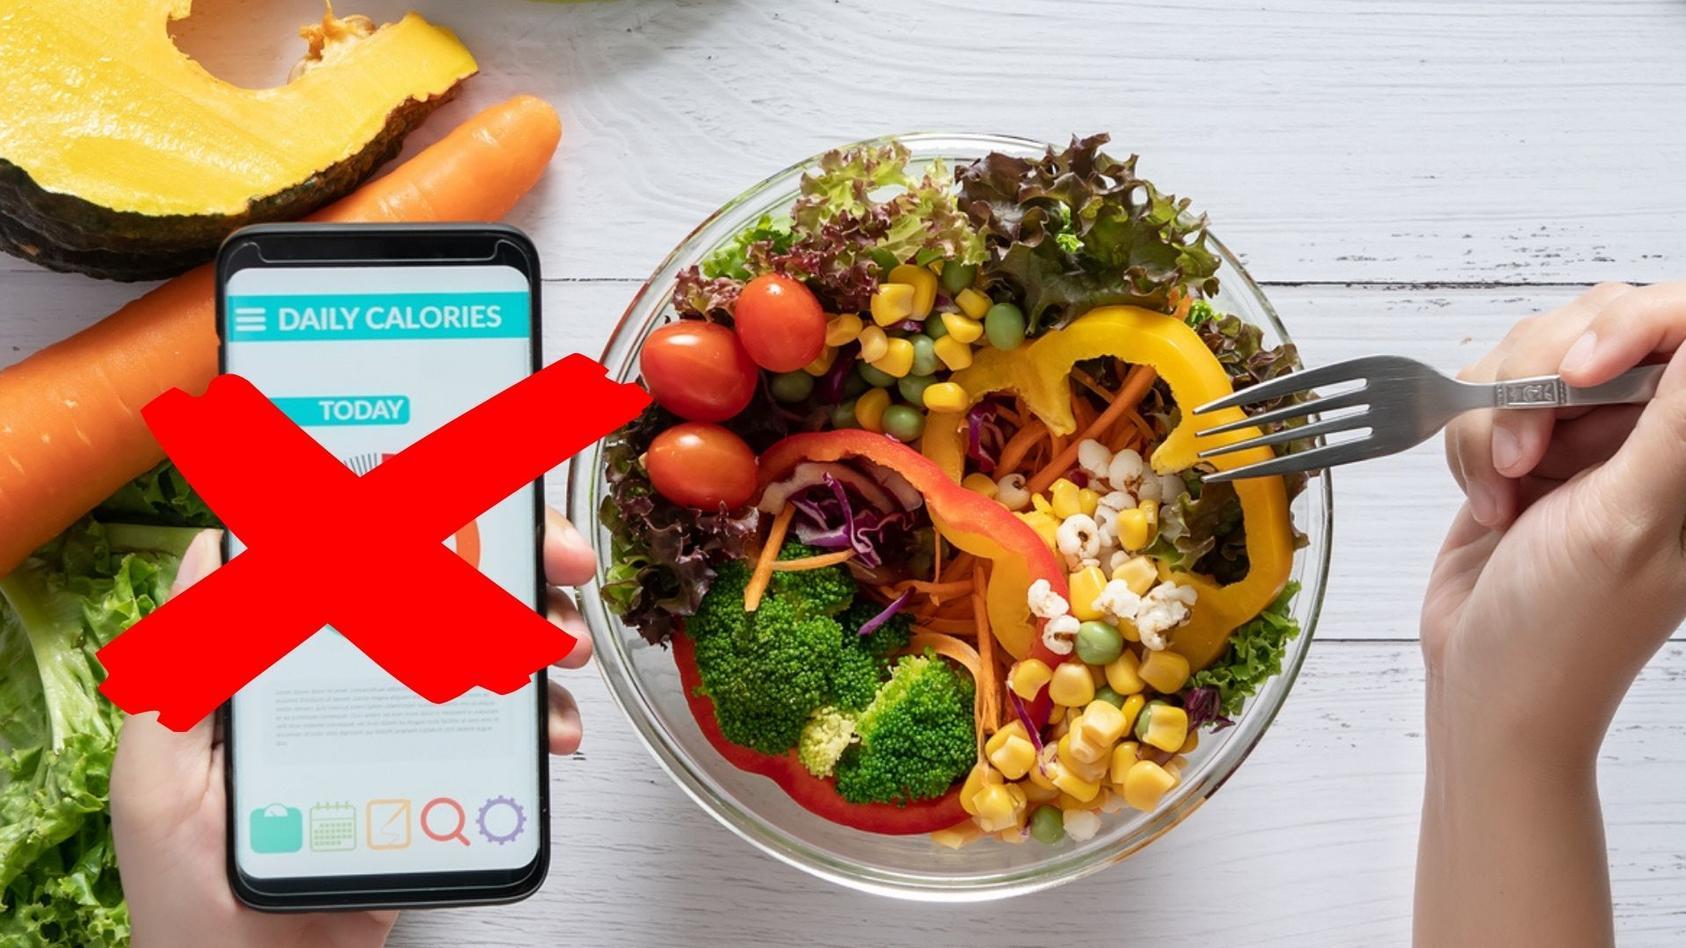 kalorien-zahlen-besser-nicht-wer-dauerhaft-schlank-bleiben-mochte-sollte-seine-ernahrung-zwar-umstellen-aber-sich-regelmaig-etwas-gonnen